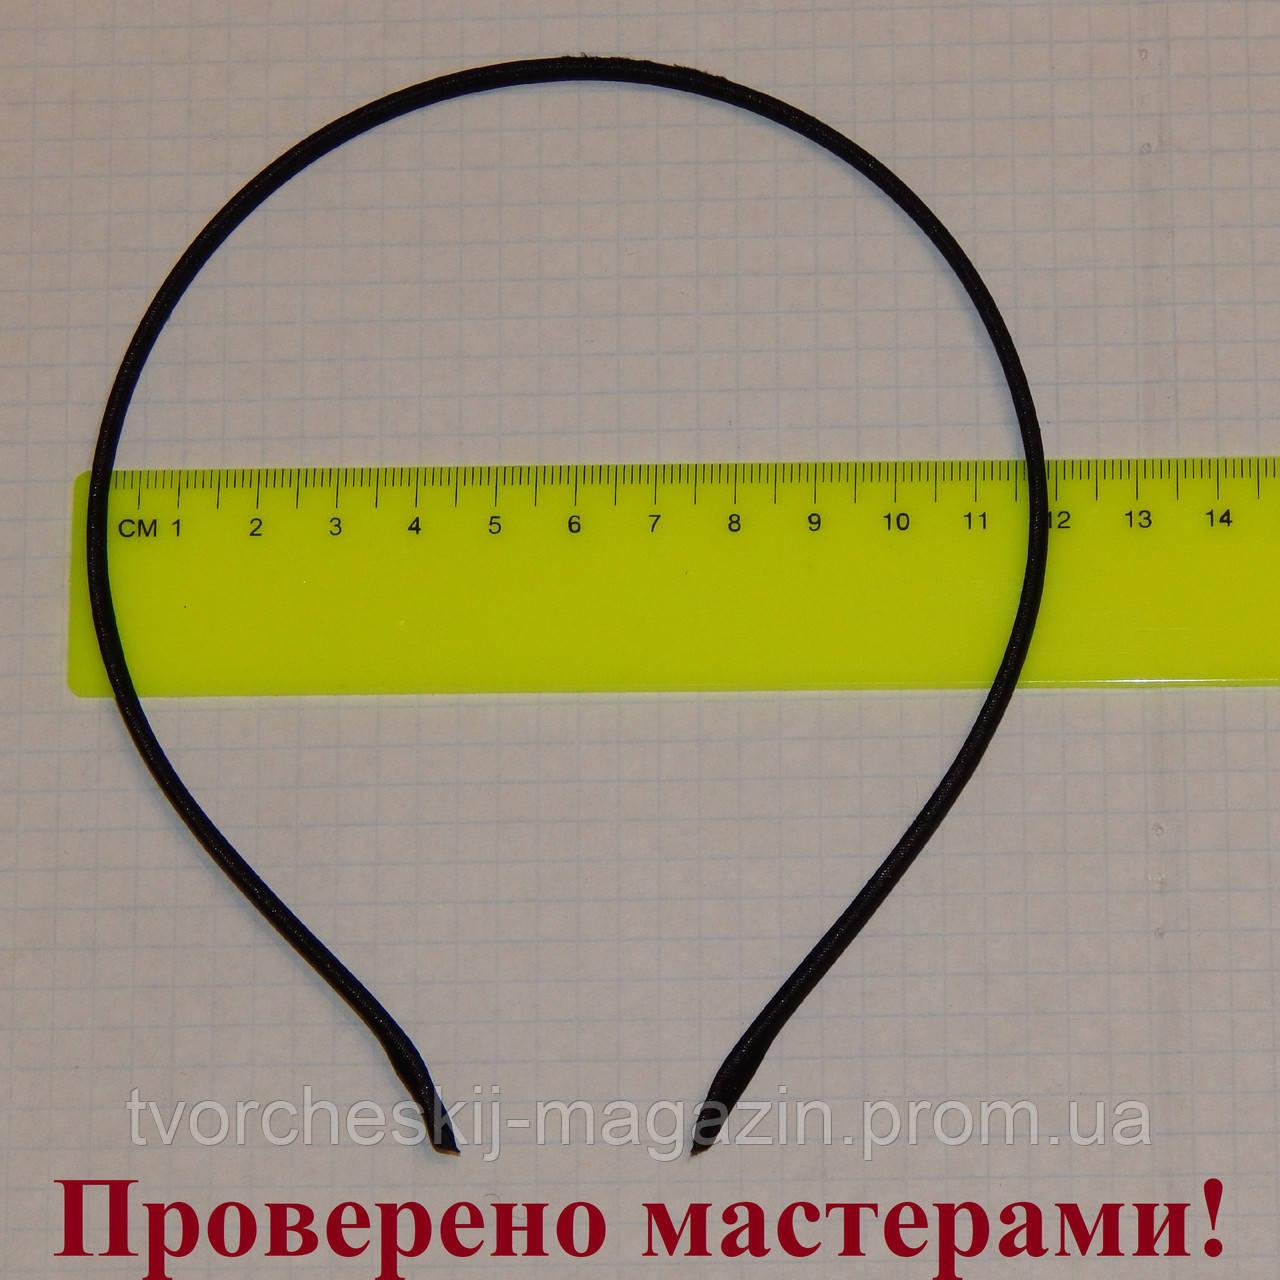 Ободок металлический в ткани 5 мм черный